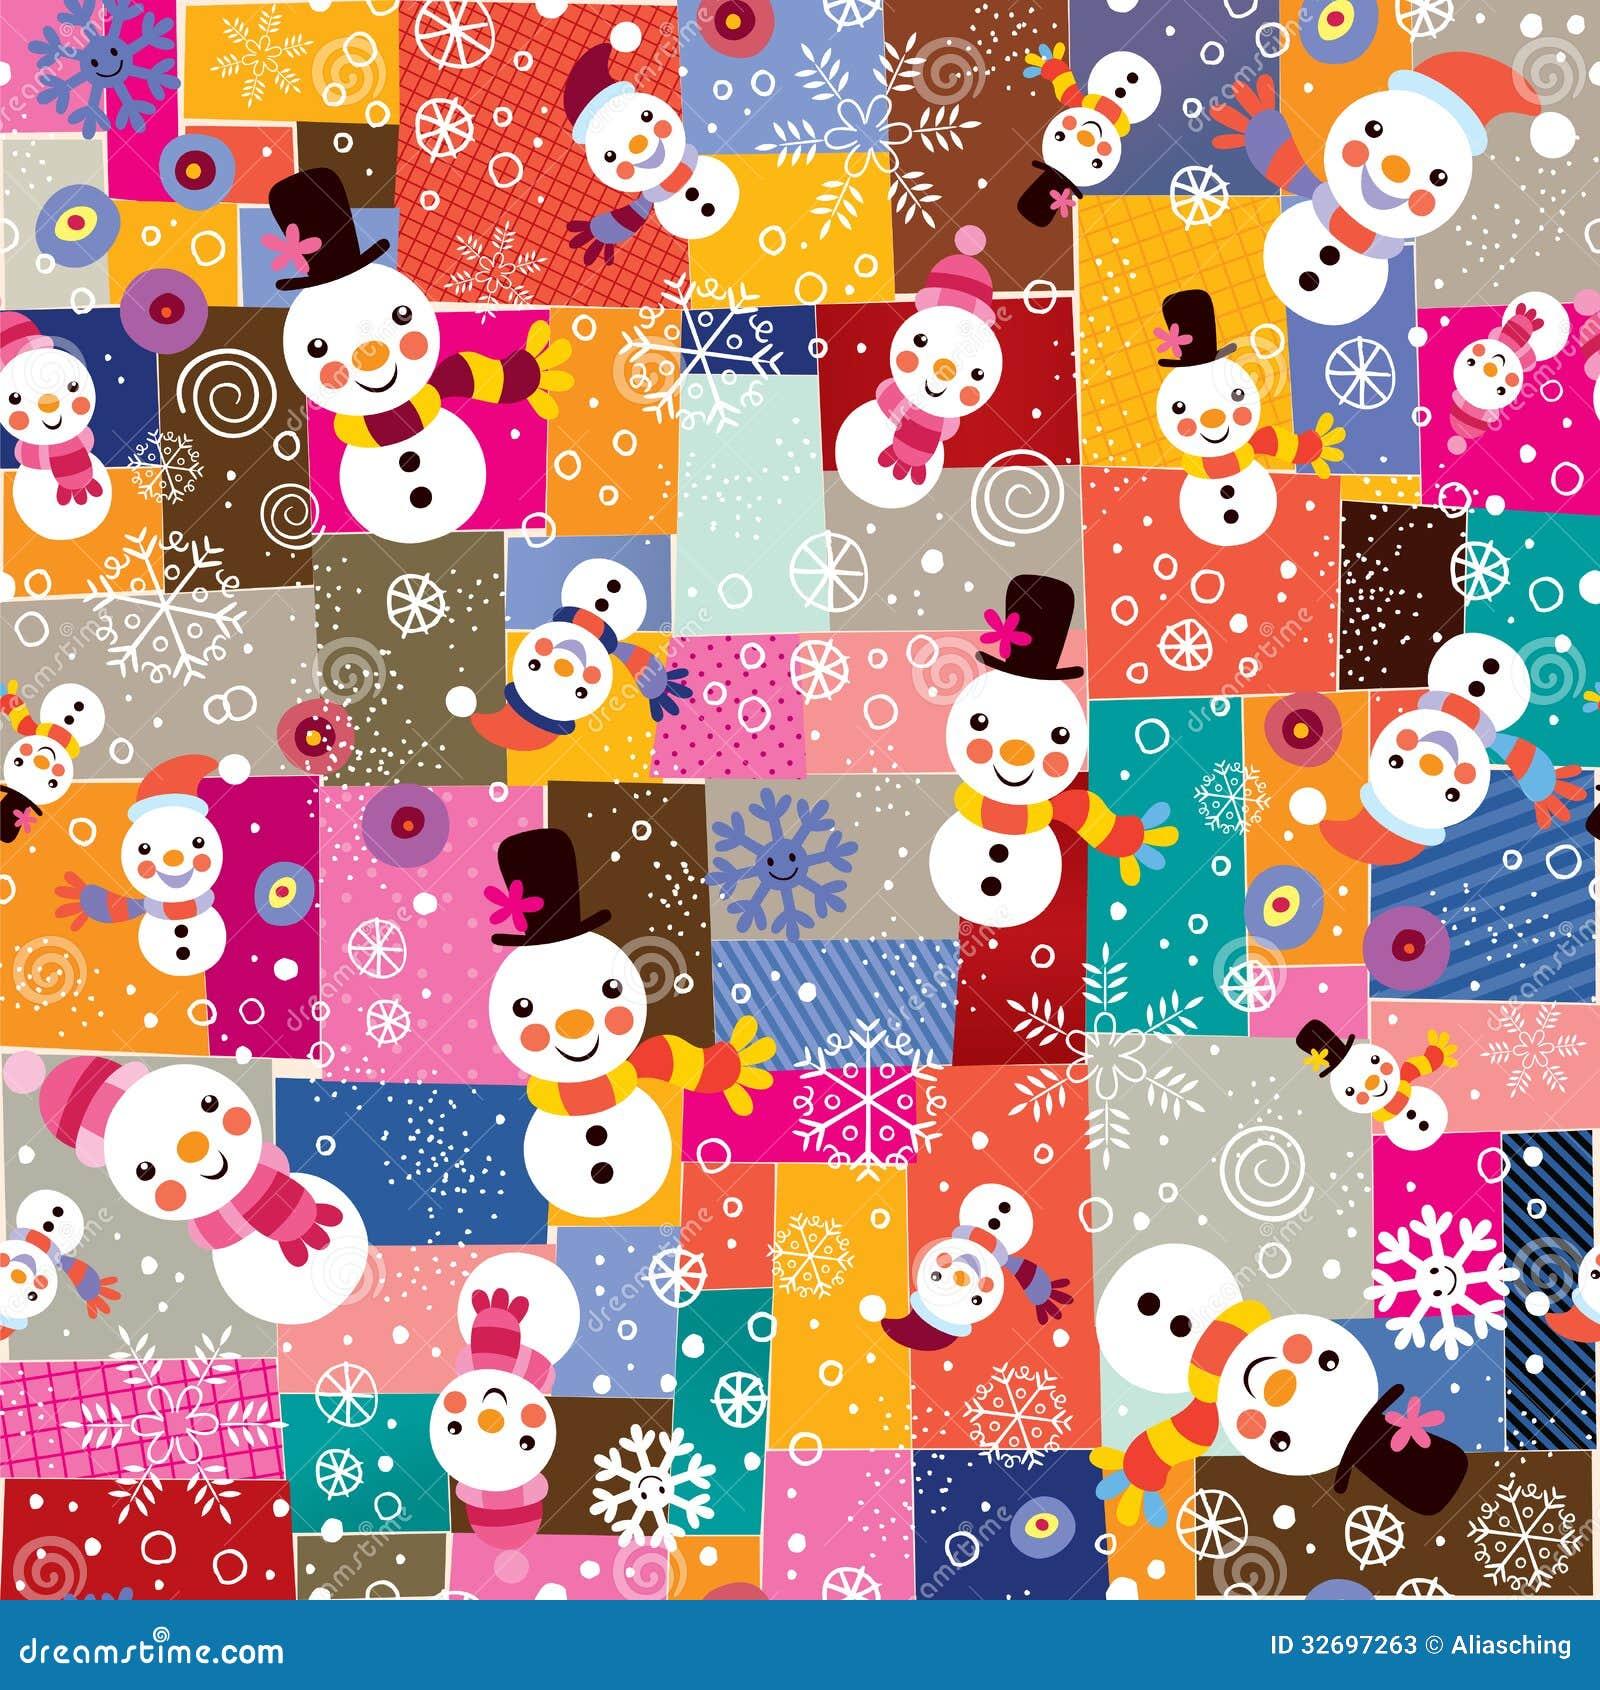 Mod le de bonhomme de neige de no l et de collage de flocons de neige illustration de vecteur - Modele bonhomme de neige ...